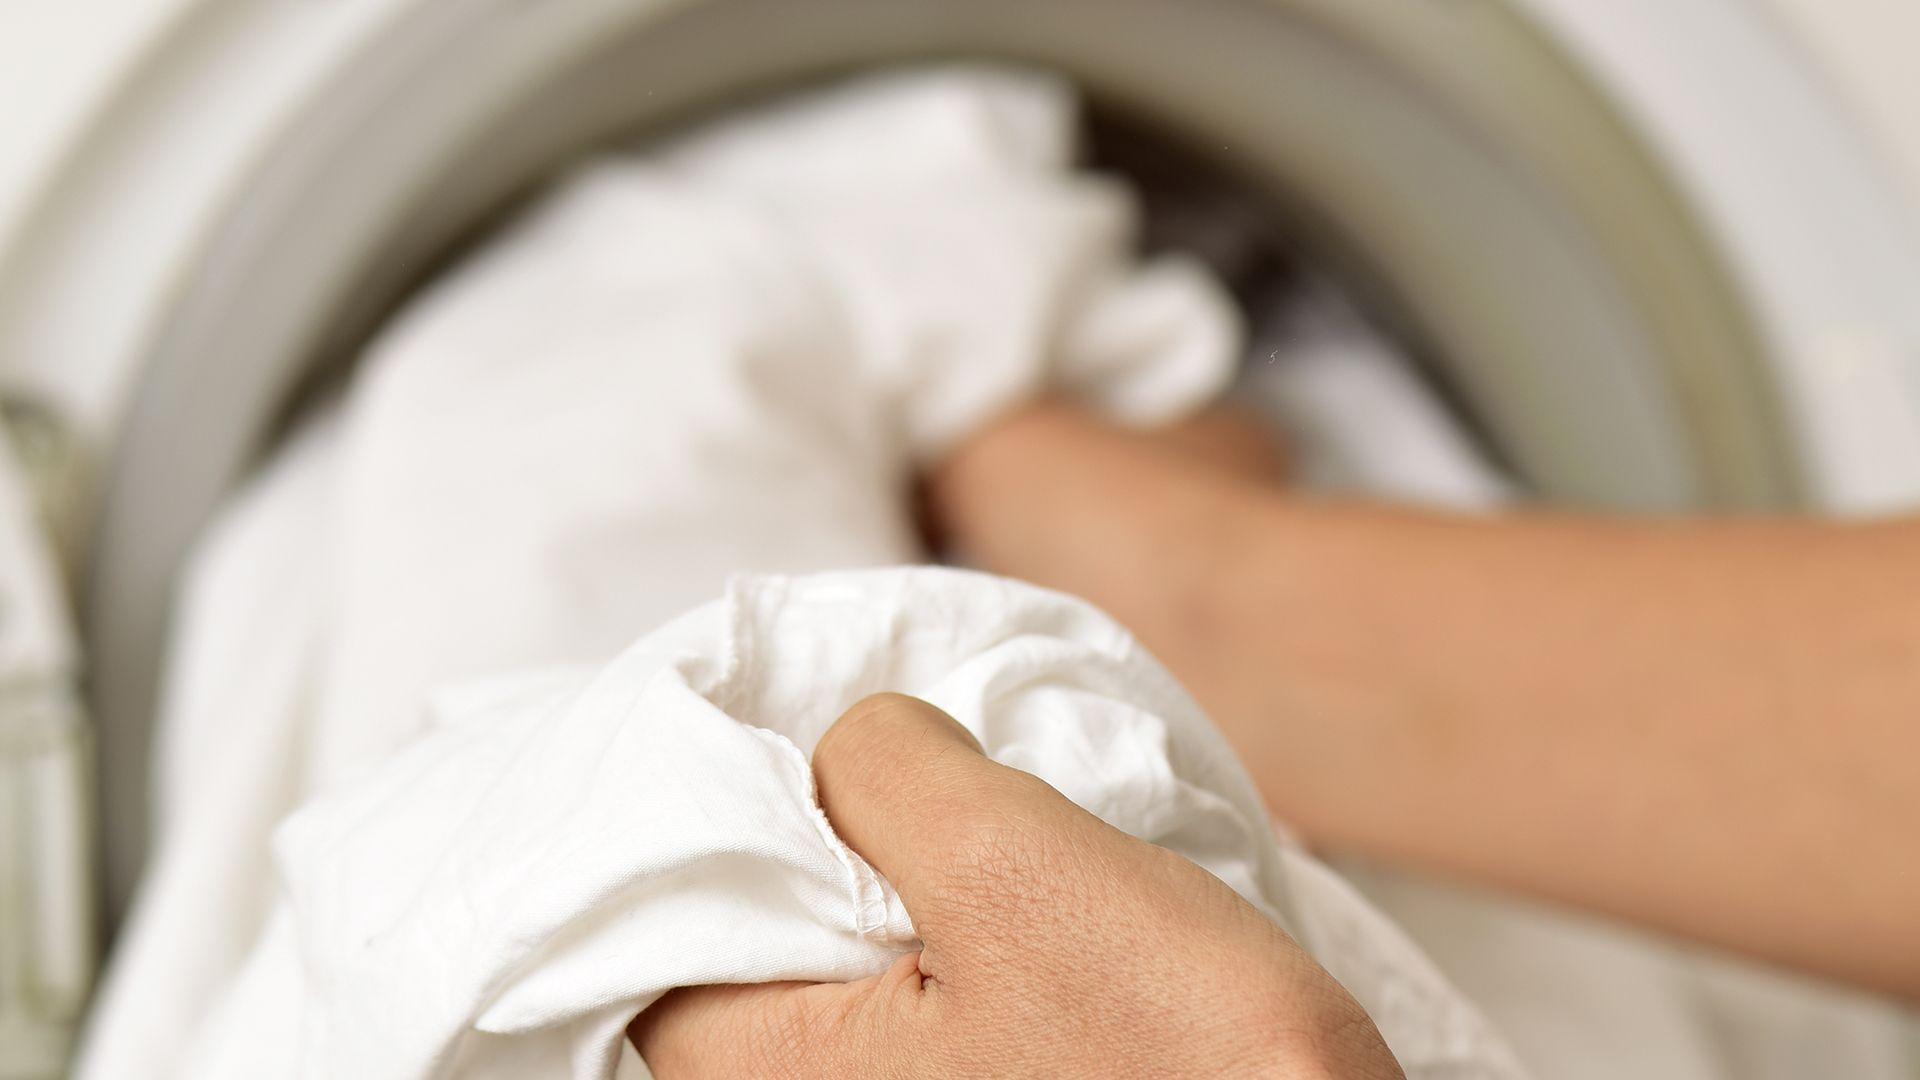 beddengoed-wassen-eerste-wasbeurt-tips